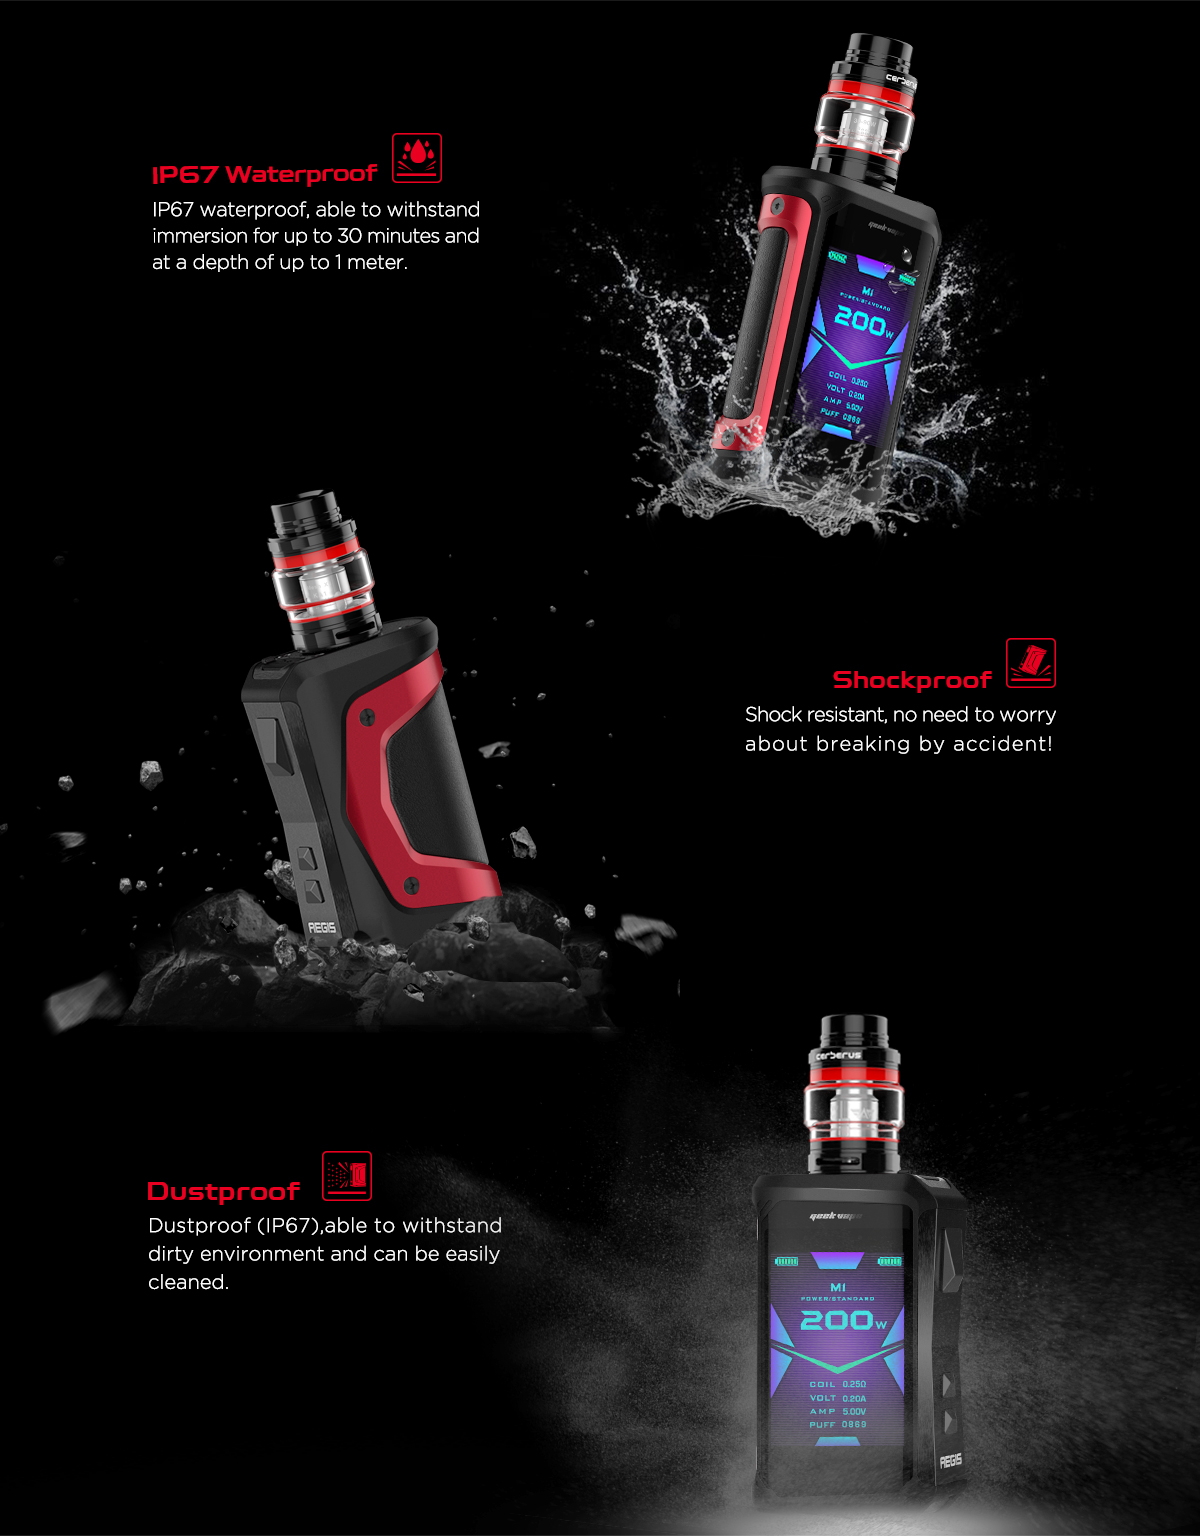 Mod Aegis X 200W TC - GeekVape - Ultra résistant aux chocs, étanche jusqu'à 1 mètre, anti-poussiére